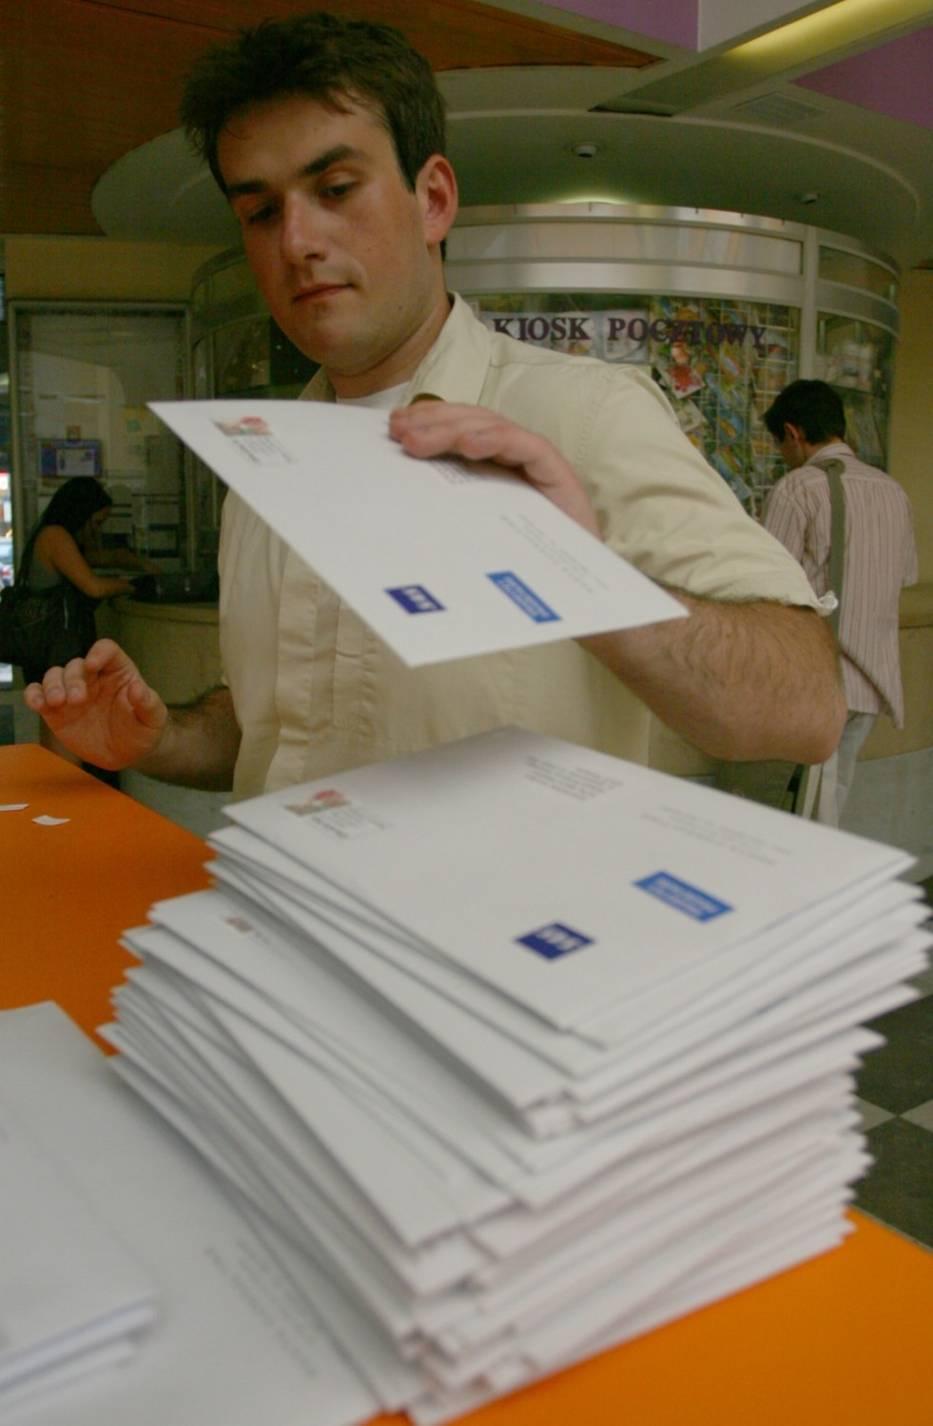 Warszawa: Kody pocztowe dla ulic zaczynających się na S